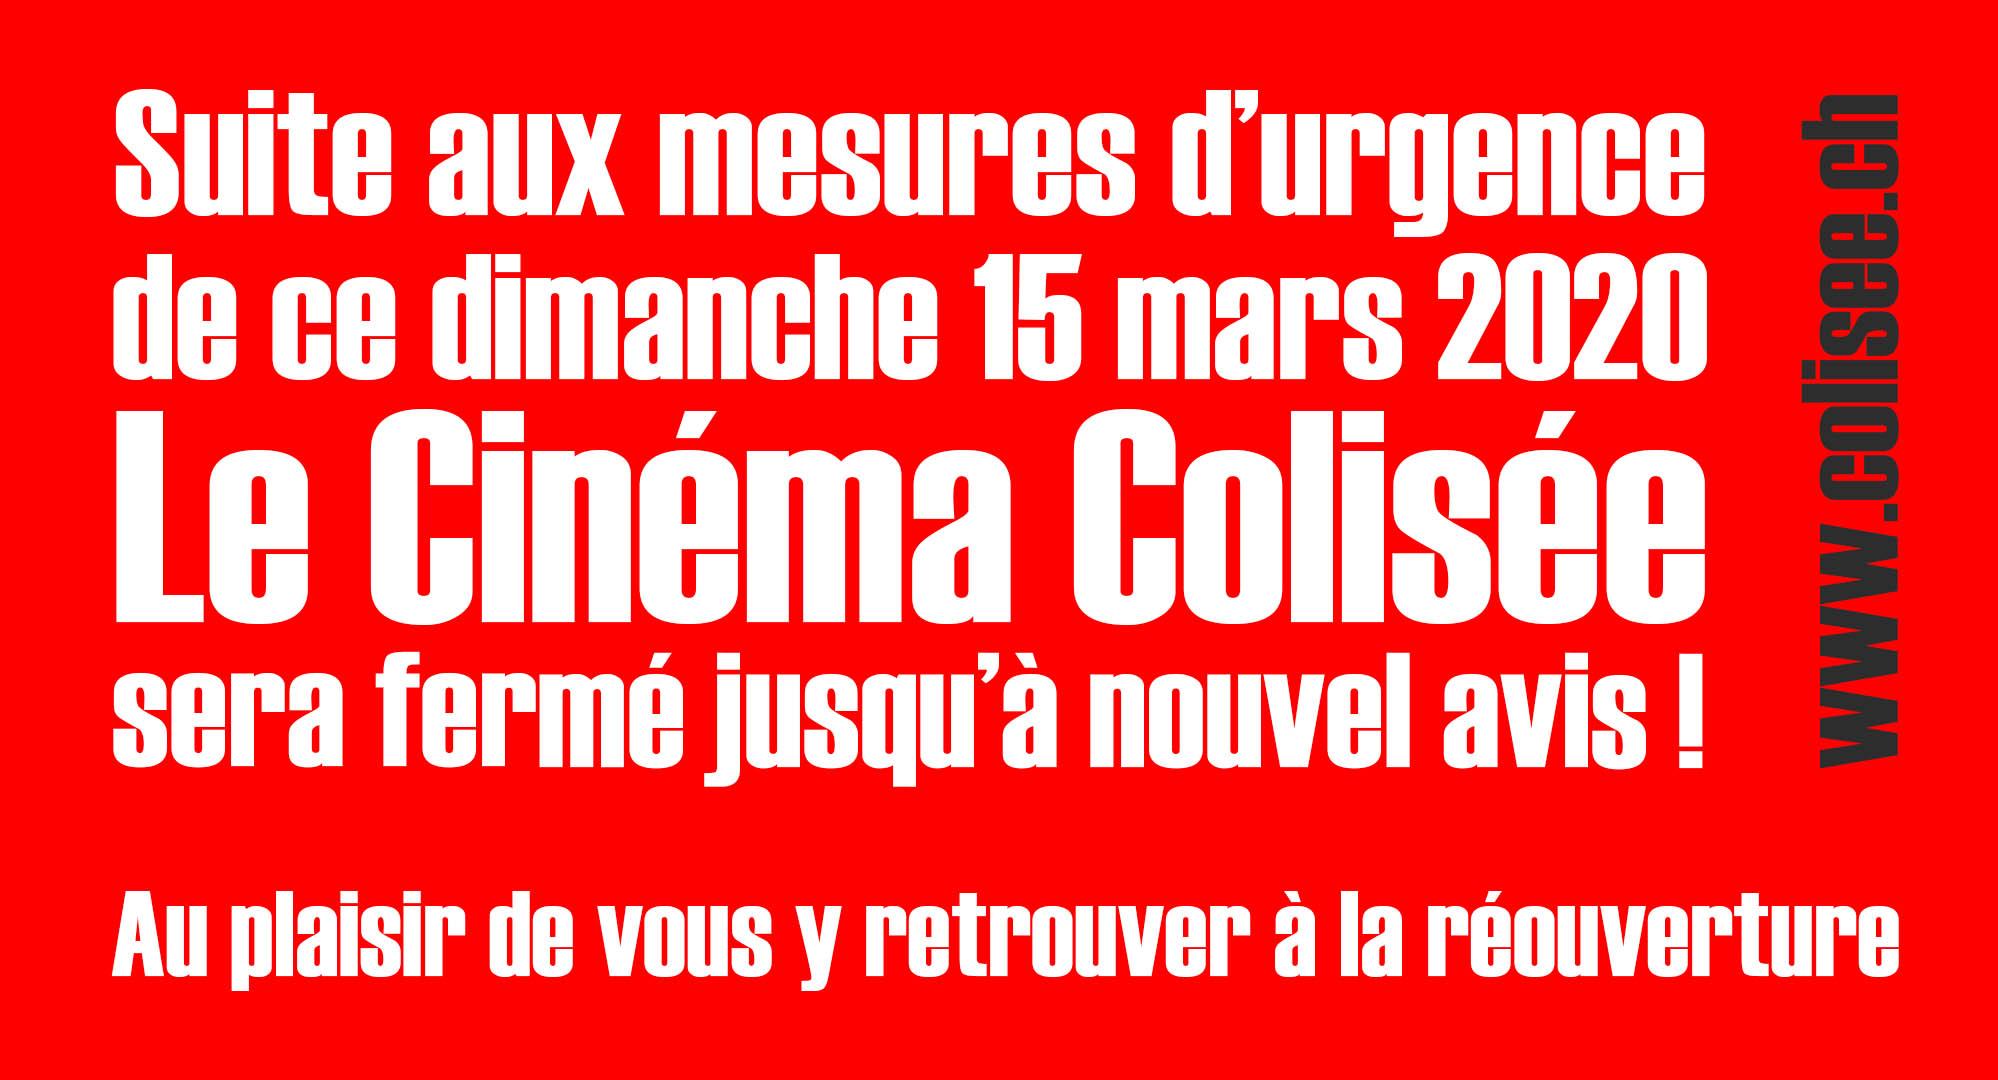 Suite aux mesures d'urgence de ce dimanche 15 mars 2020, le Cinéma Colisée sera fermé jusqu'à nouvel avis ! Au plaisir de vous y retrouver à la réouverture.